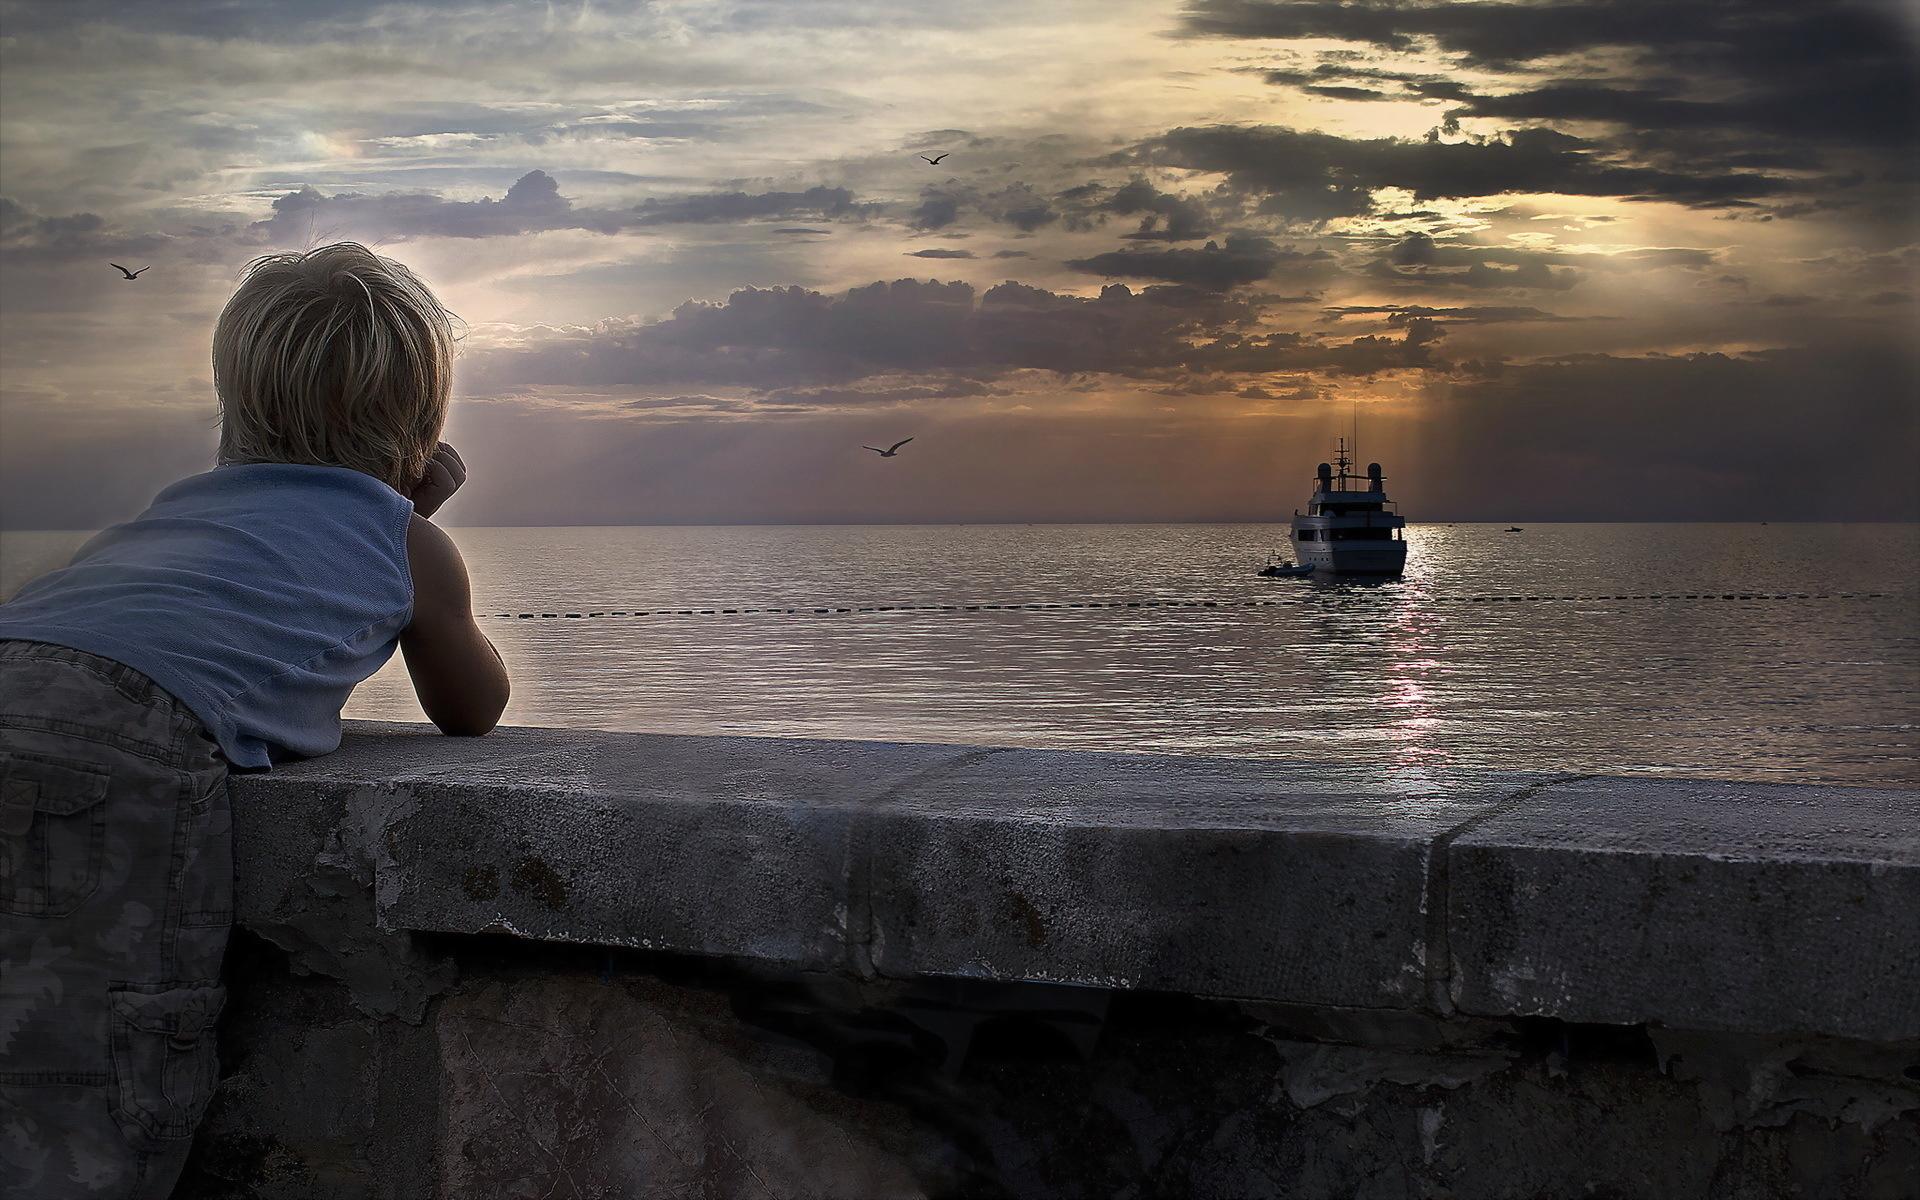 отдали картинка ждет на берегу моря открытки последним днём